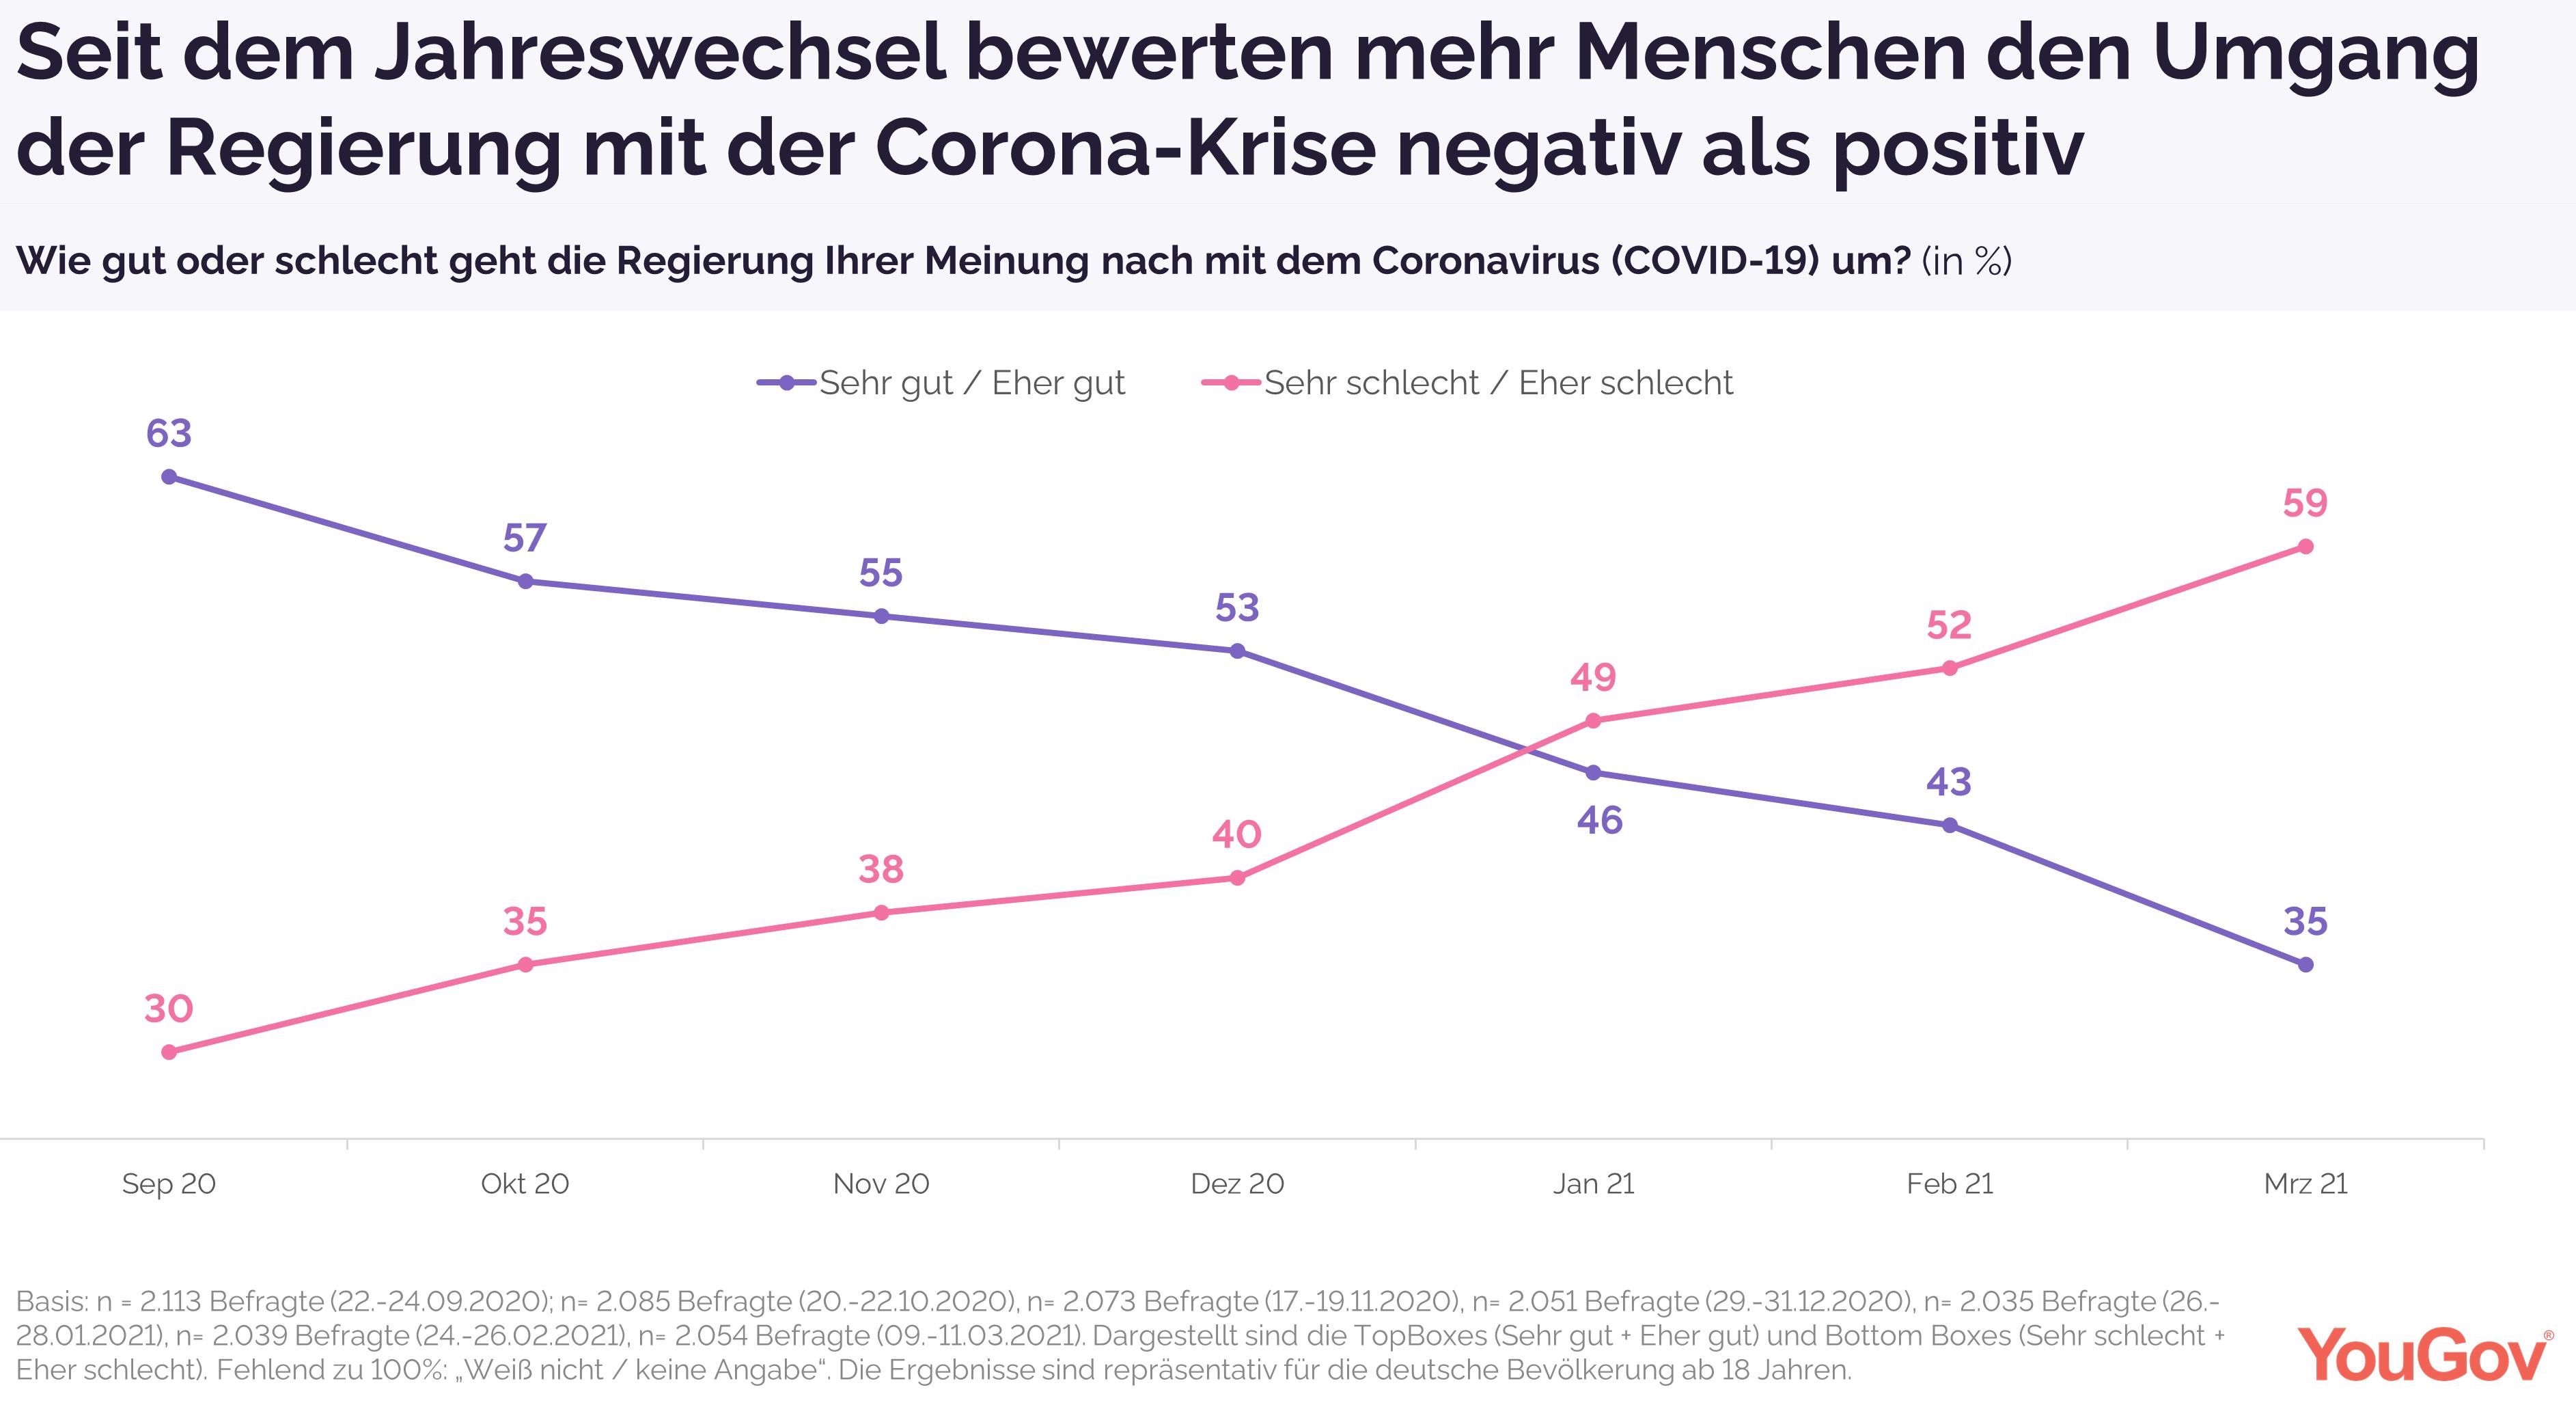 Mehrheitlich negative Wahrnehmung des Krisenumgangs der Regierung